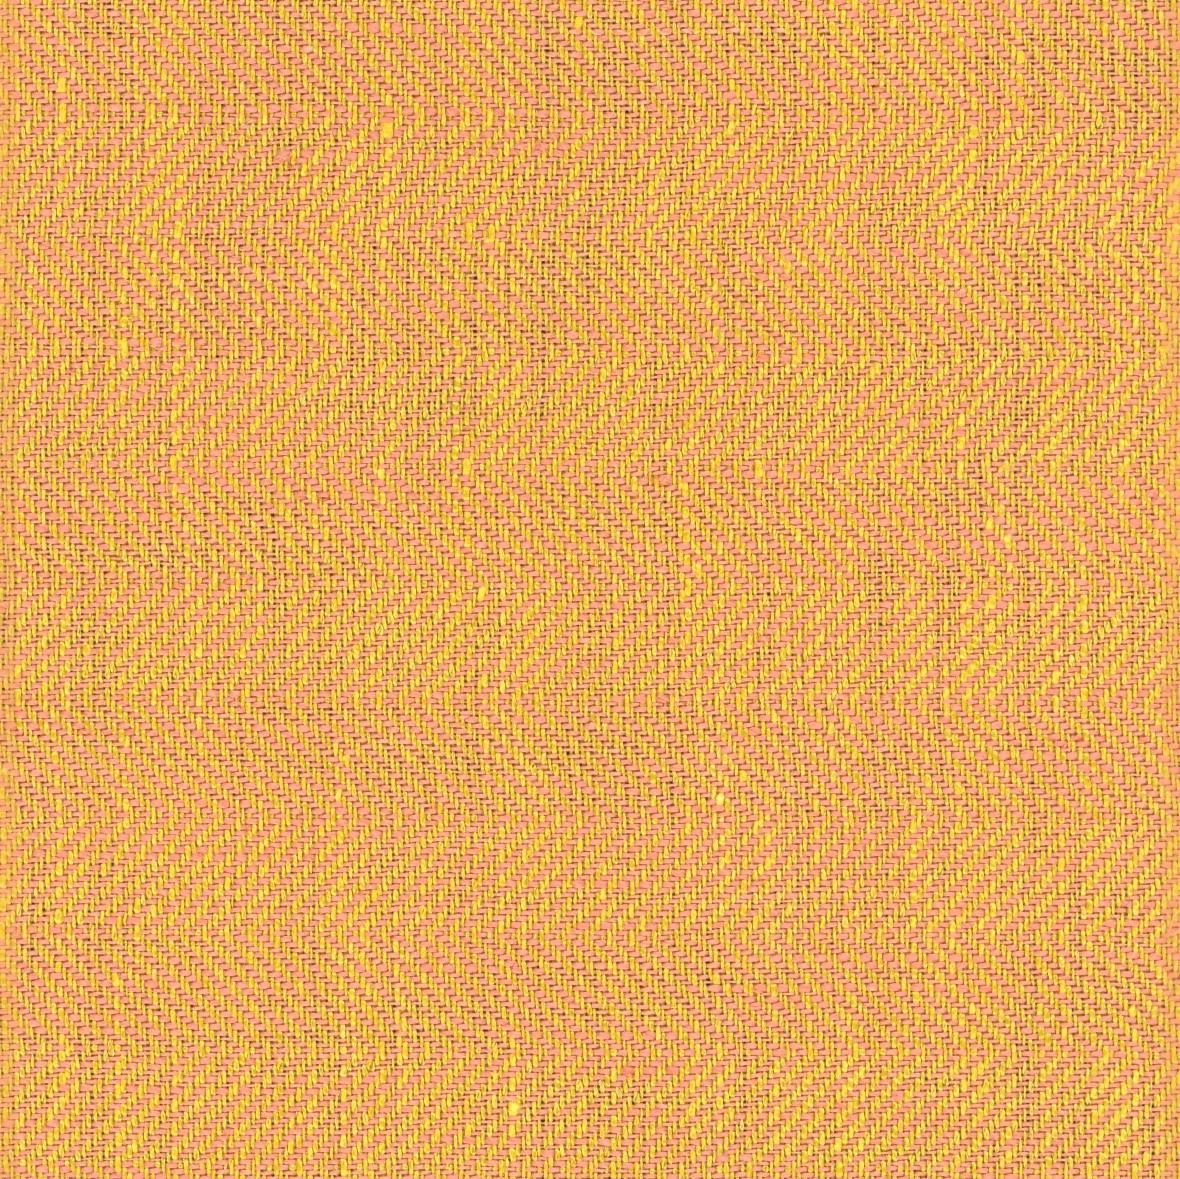 CERRO SPINA PESCE Gold/Brick